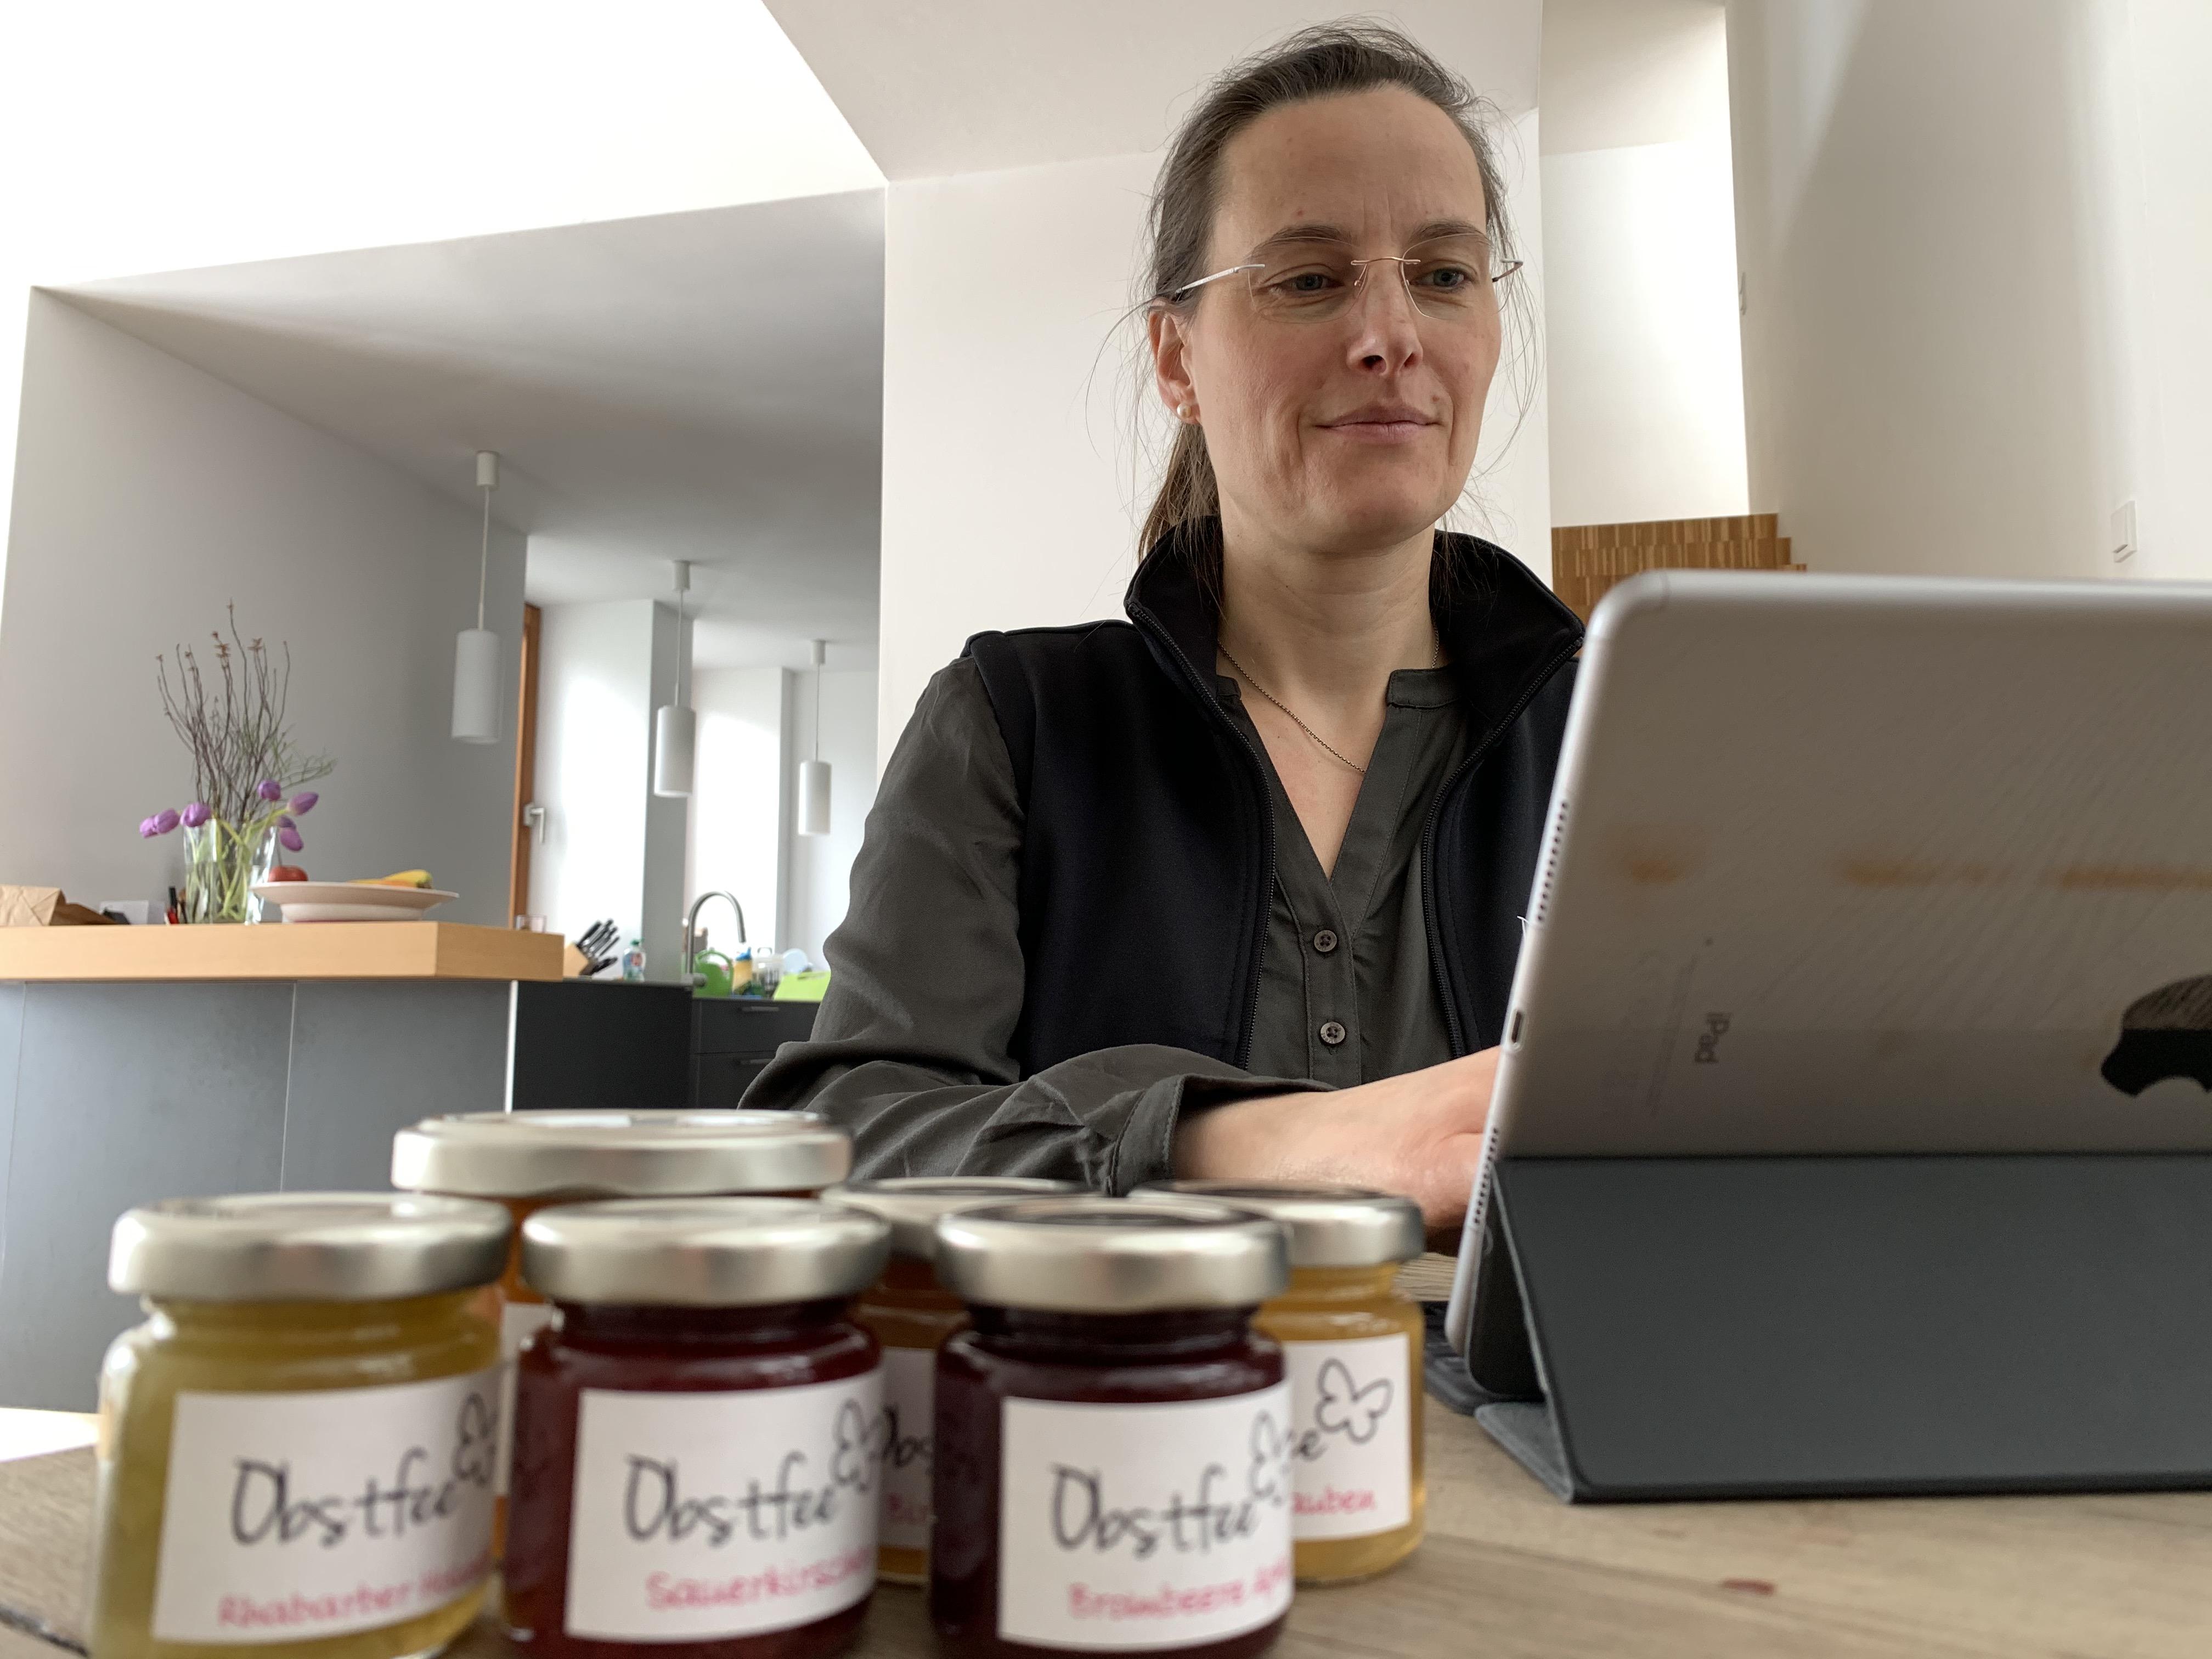 Obstfee Daniela Hunger schreibt auf ihrem Tablet-PC.